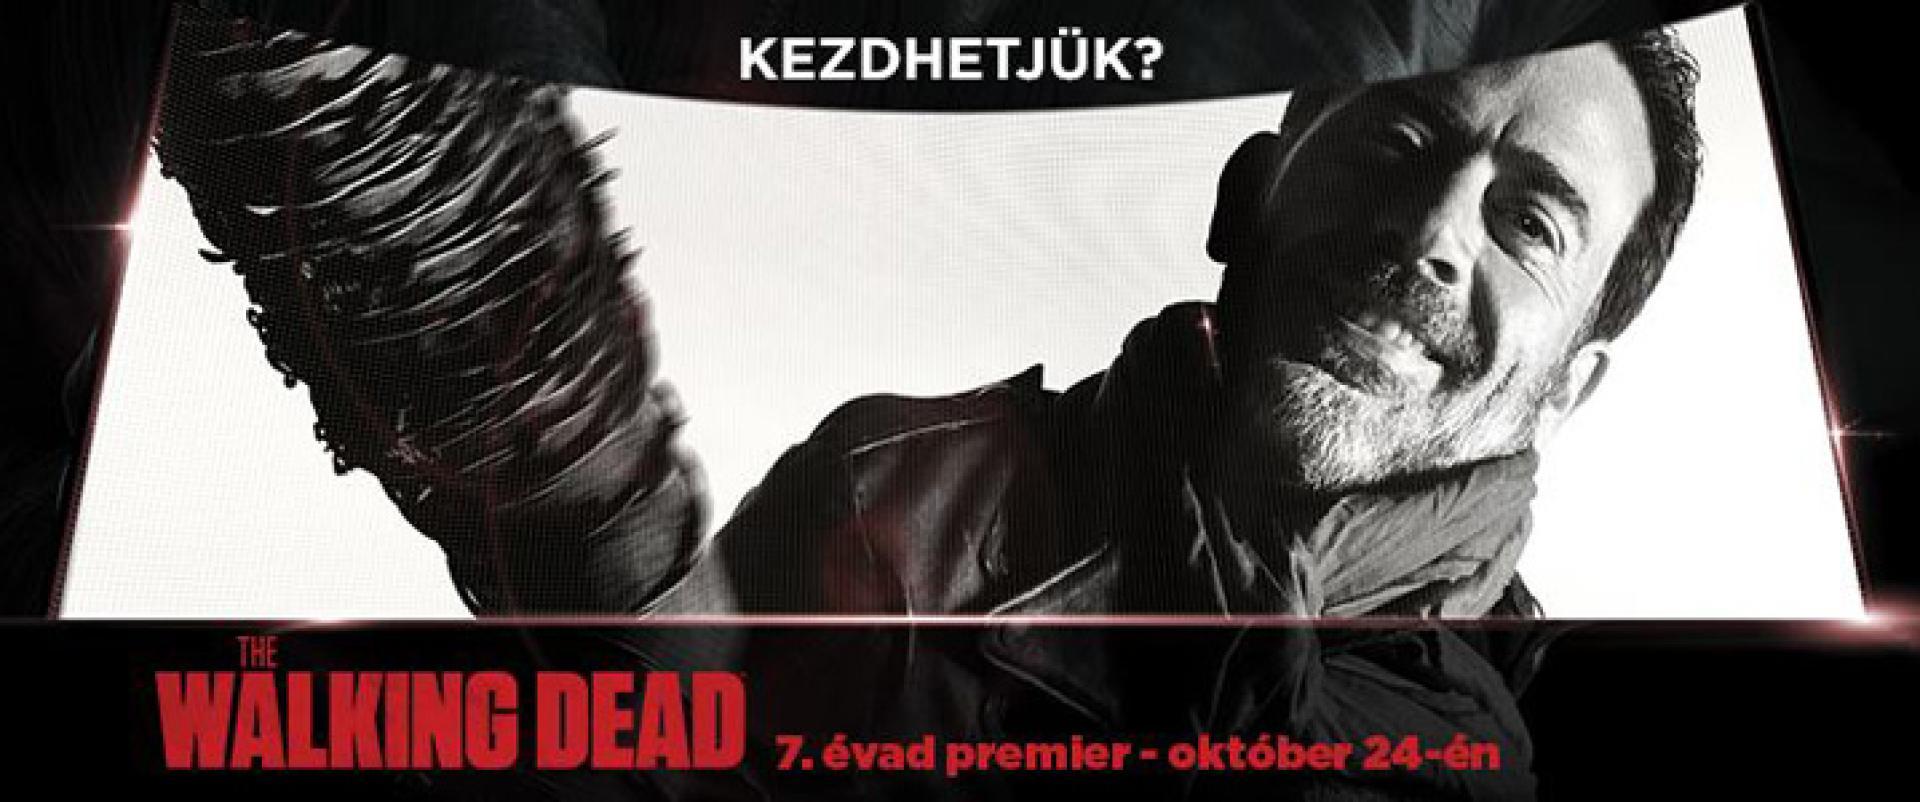 The Walking Dead, 7. évad: 3 perc az első részből!